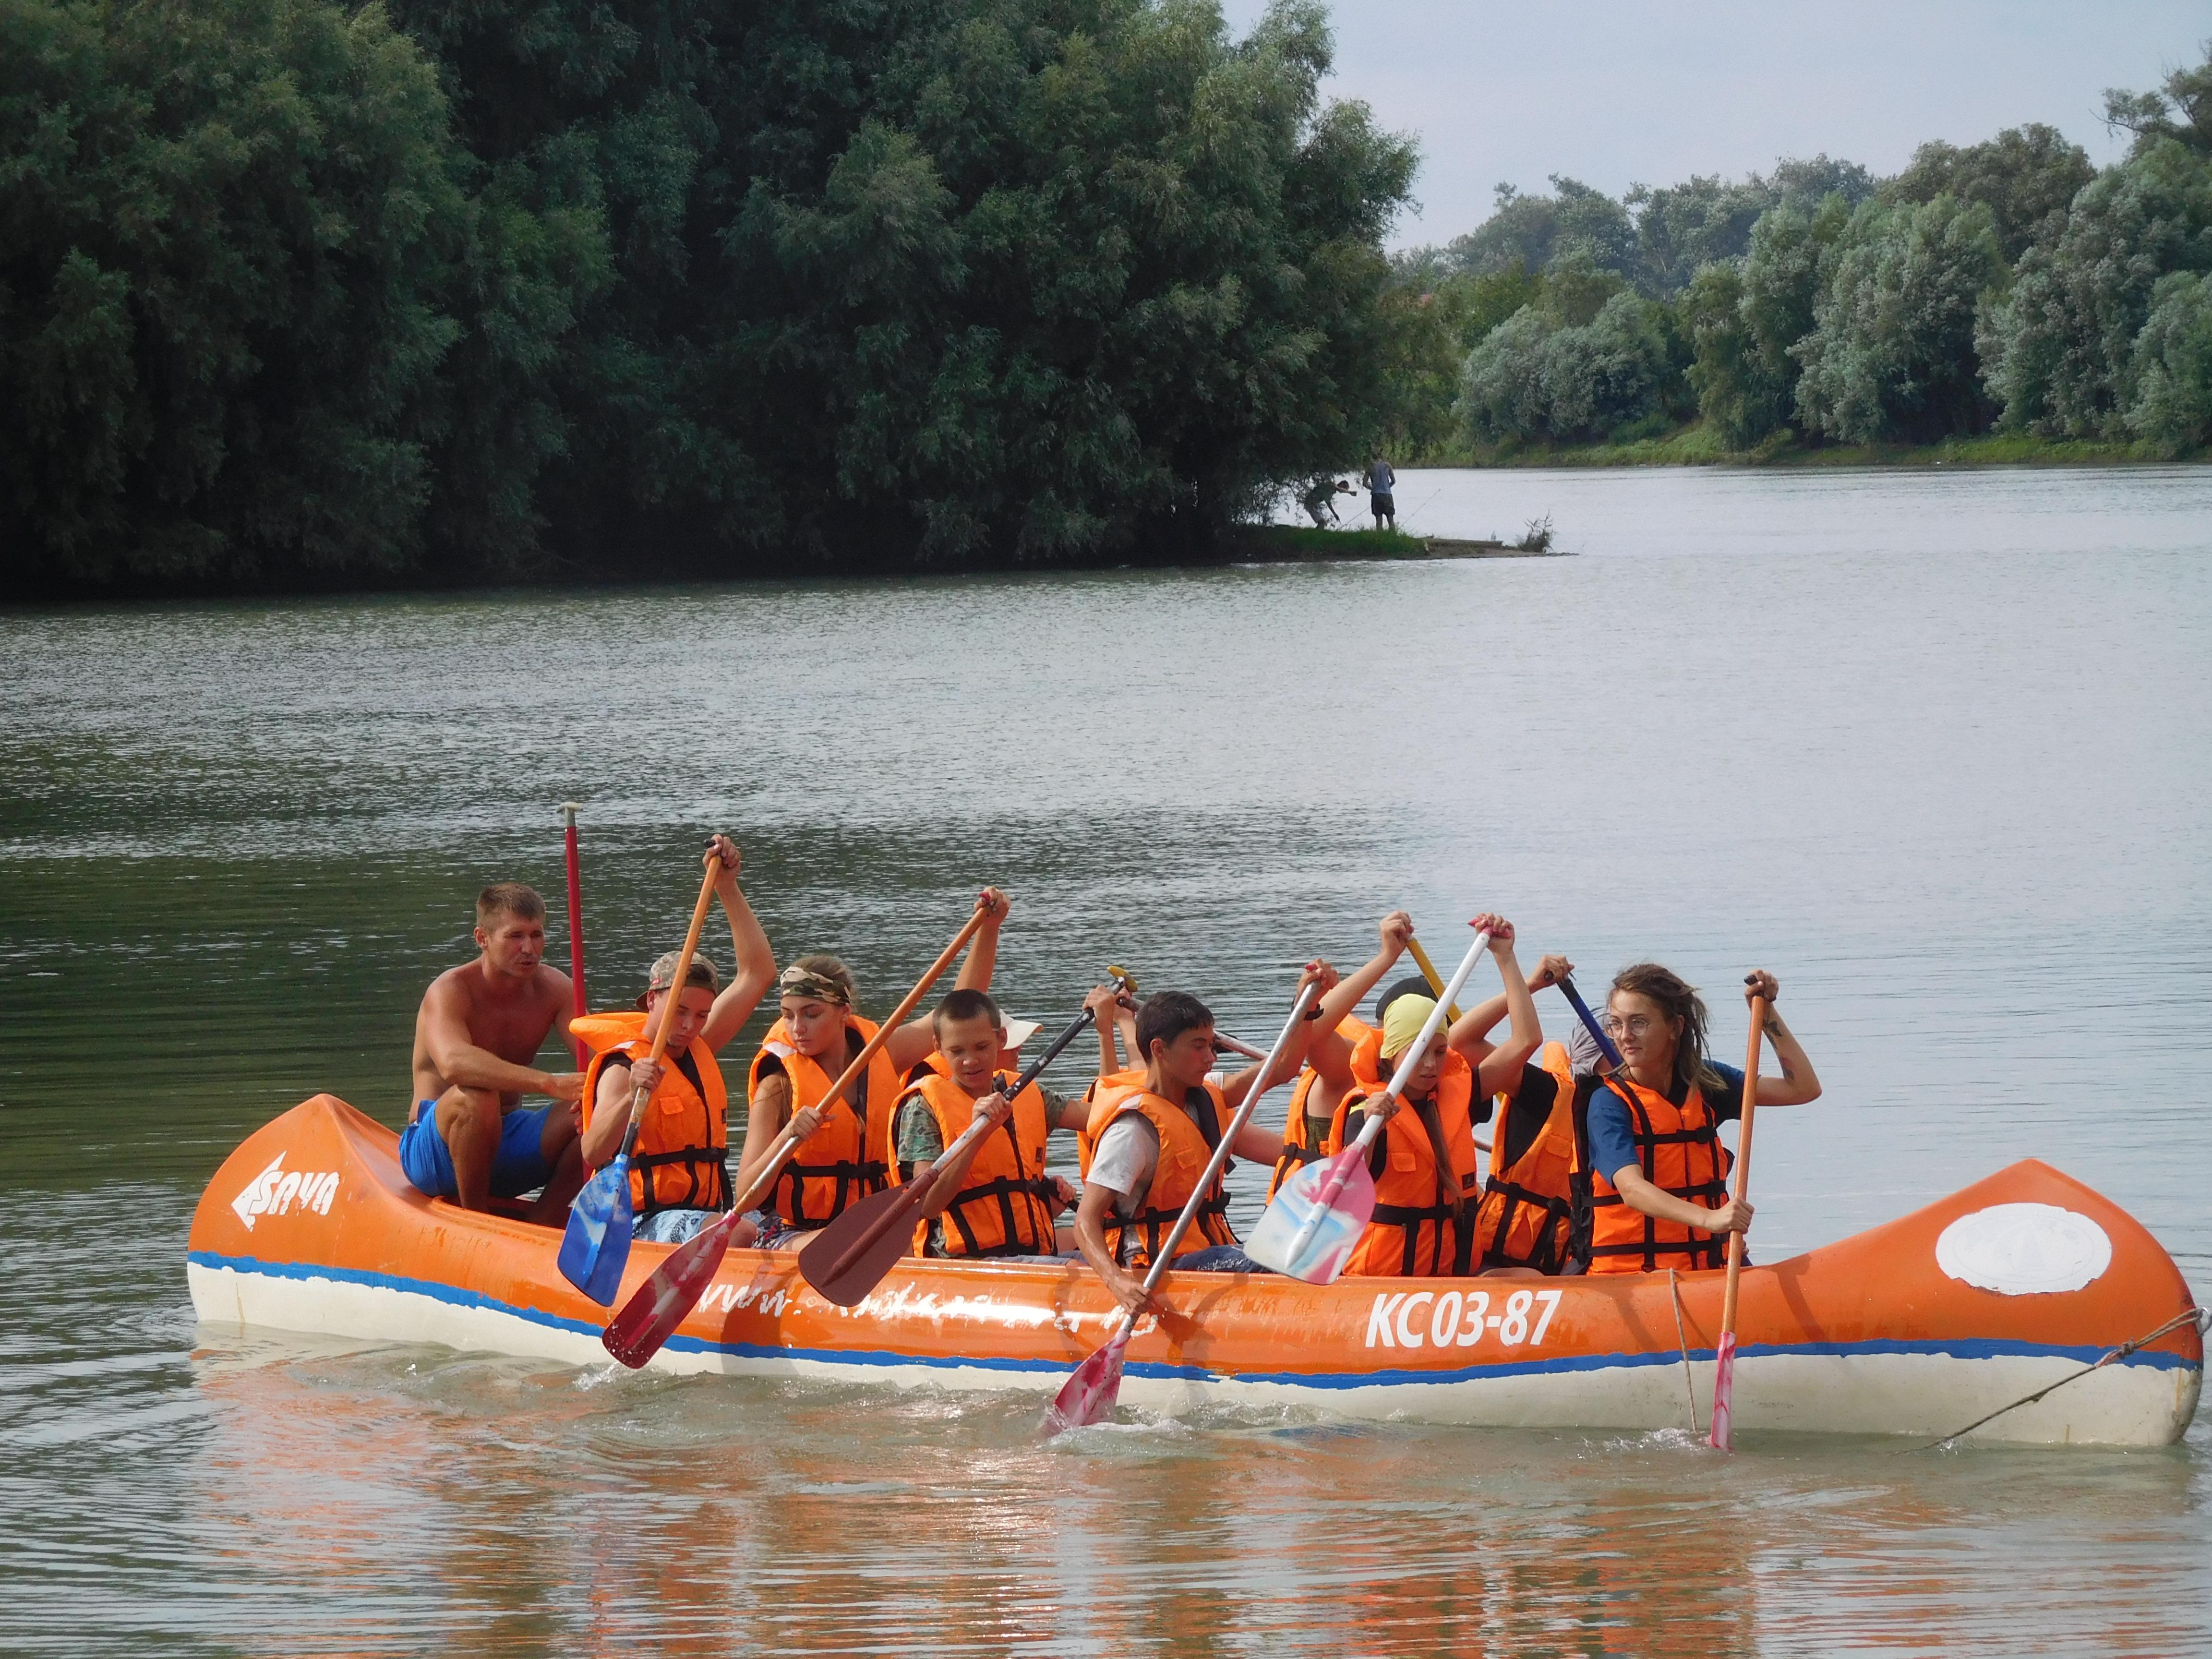 С 19 по 24 июля 2018 года прошел краевой спортивно-туристический водный лагерь-поход «Славянская кругосветка»